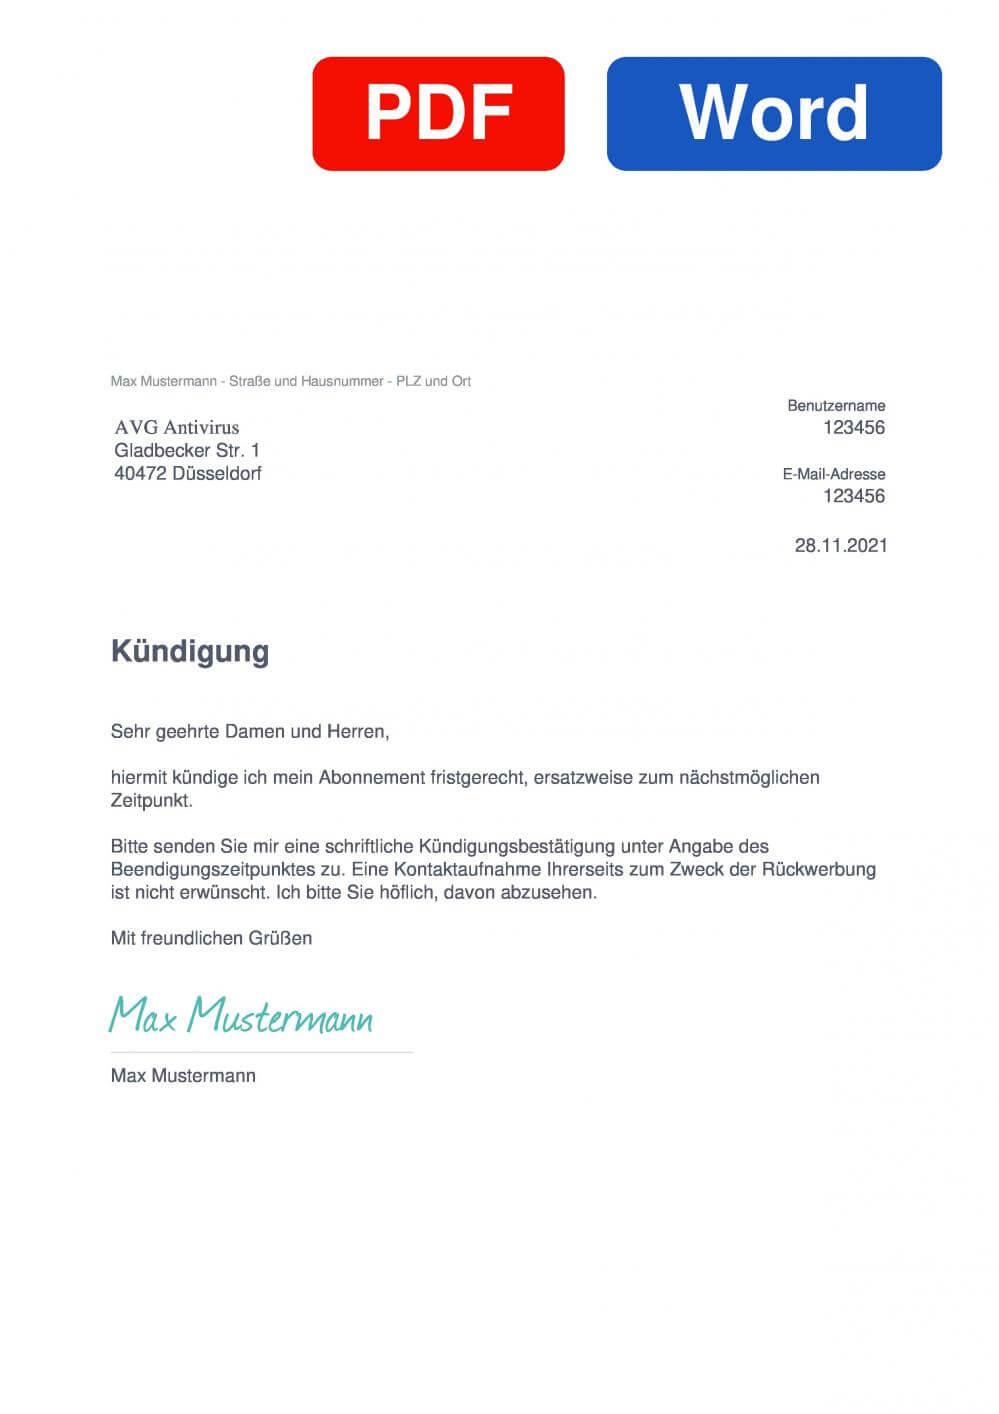 AVG Antivirus Muster Vorlage für Kündigungsschreiben